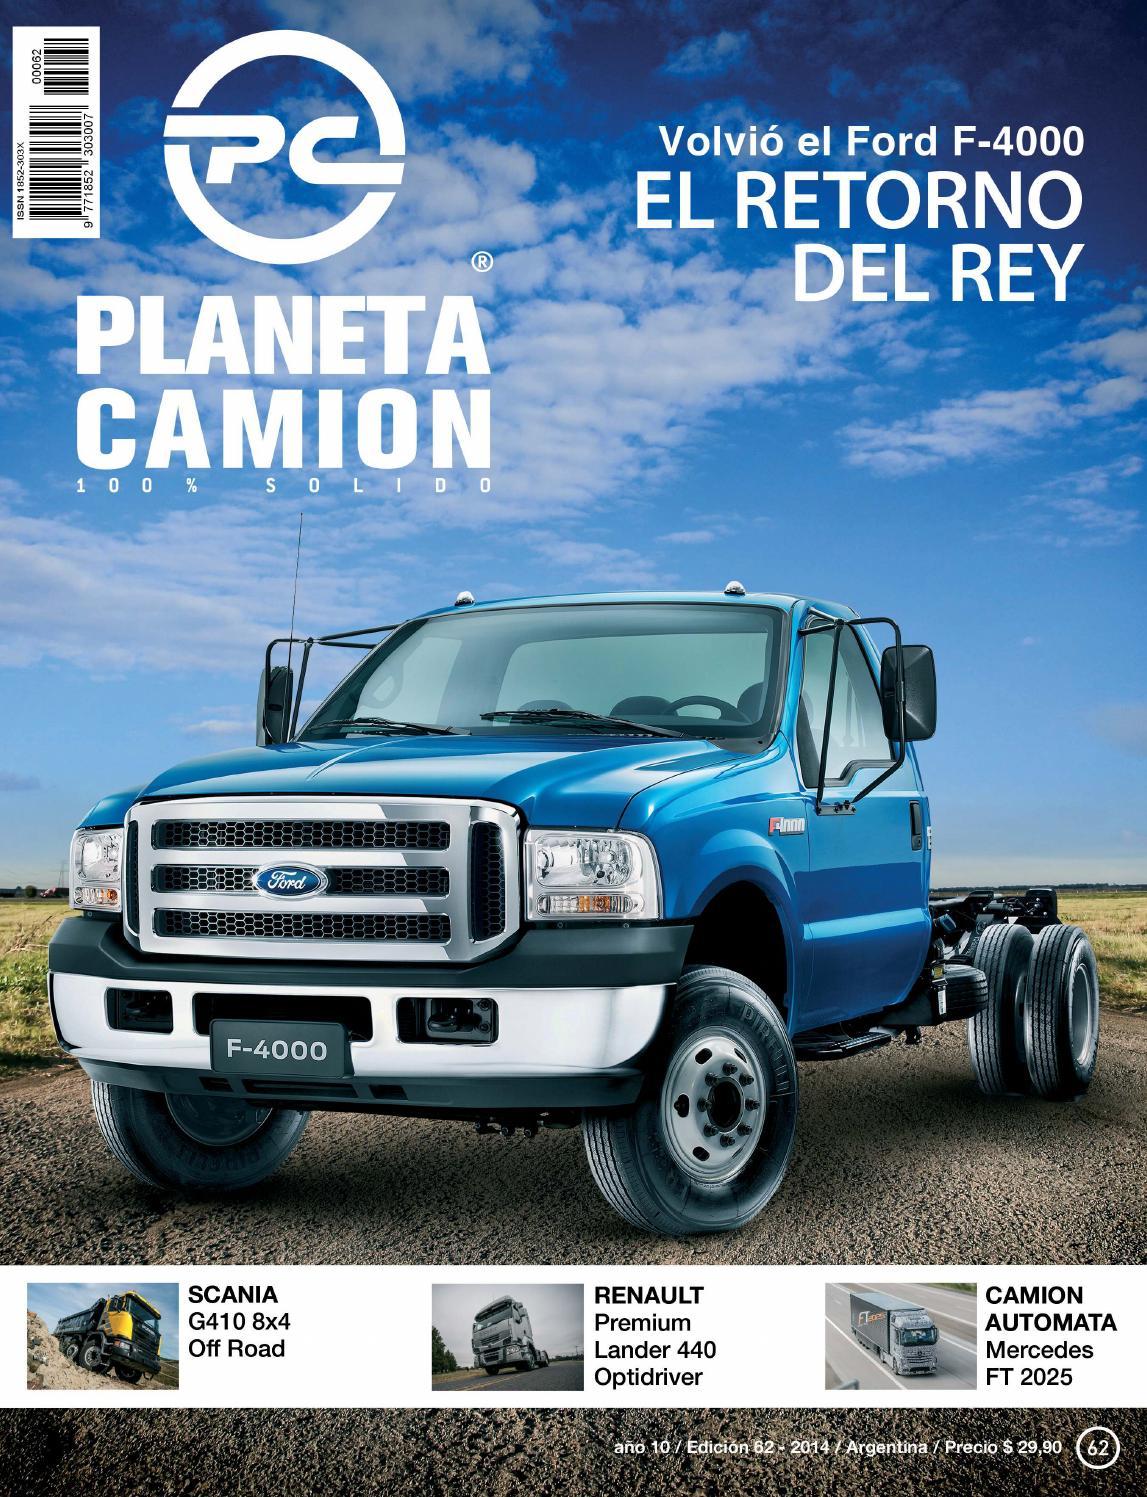 Planeta camión revista nº62 by Planeta Camión - issuu